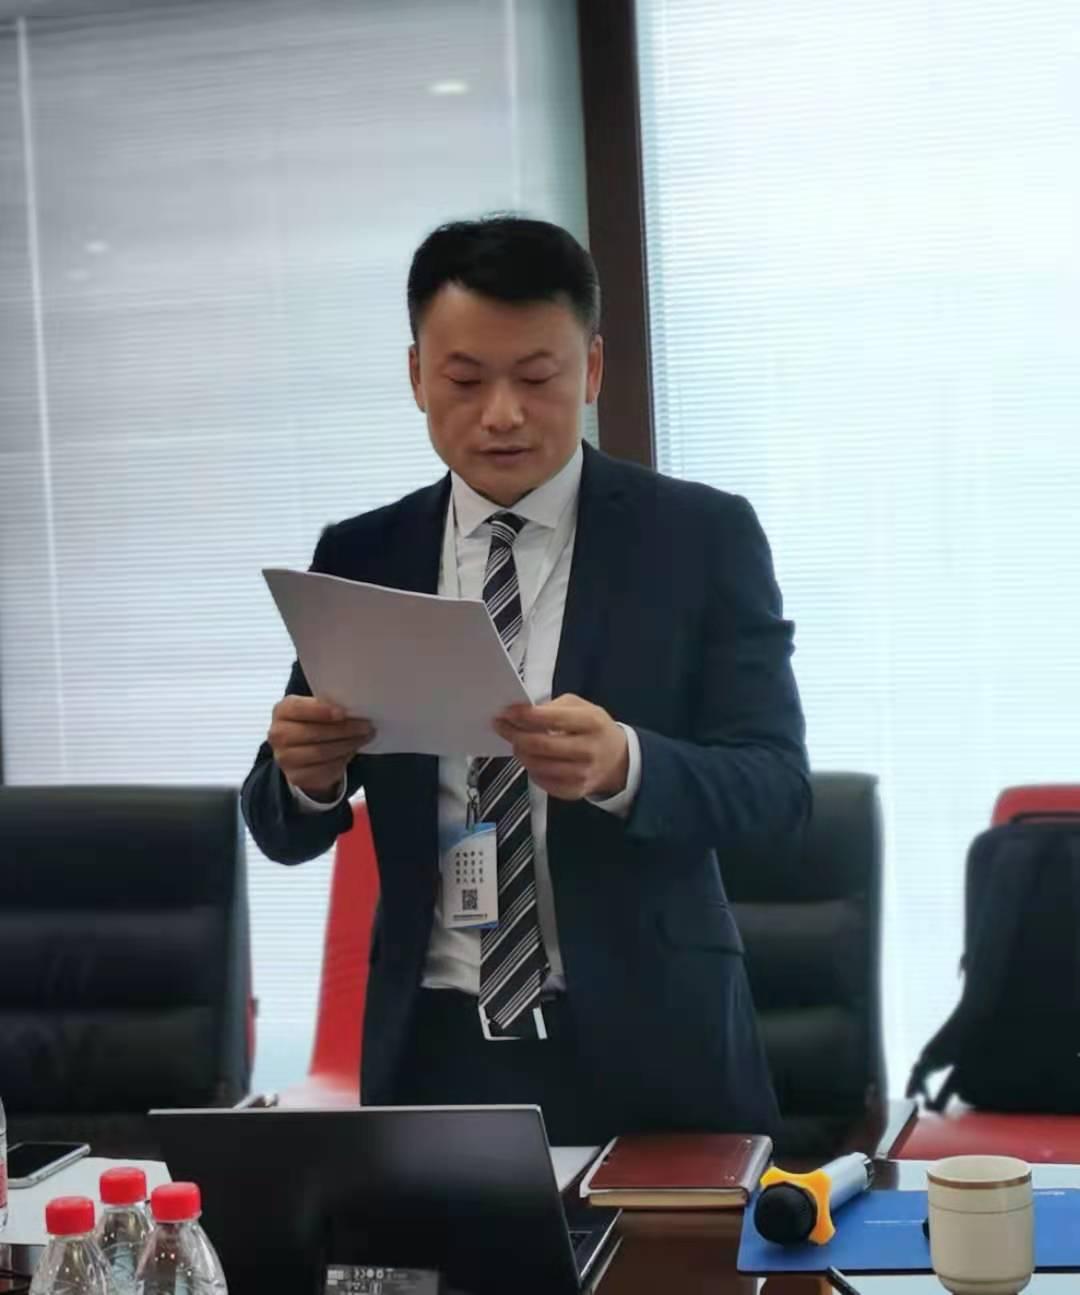 公司重大资产重组方案获股东大会审议通过